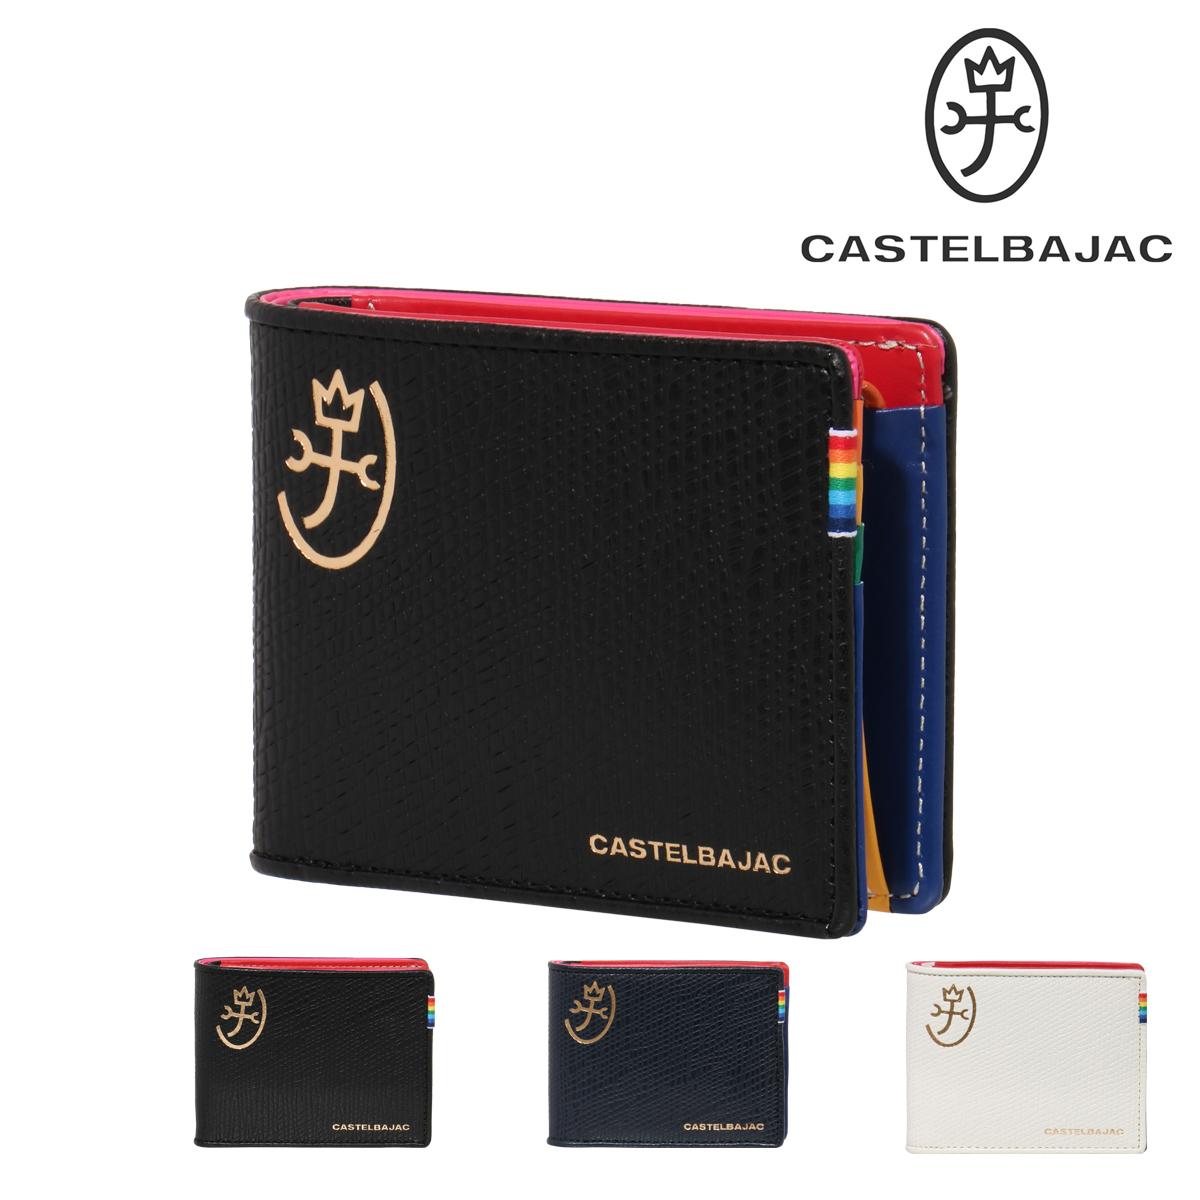 カステルバジャック 二つ折り財布 レインボー メンズ レディース 79613 CASTELBAJAC | 牛革 本革 レザー[PO10][bef][即日発送]